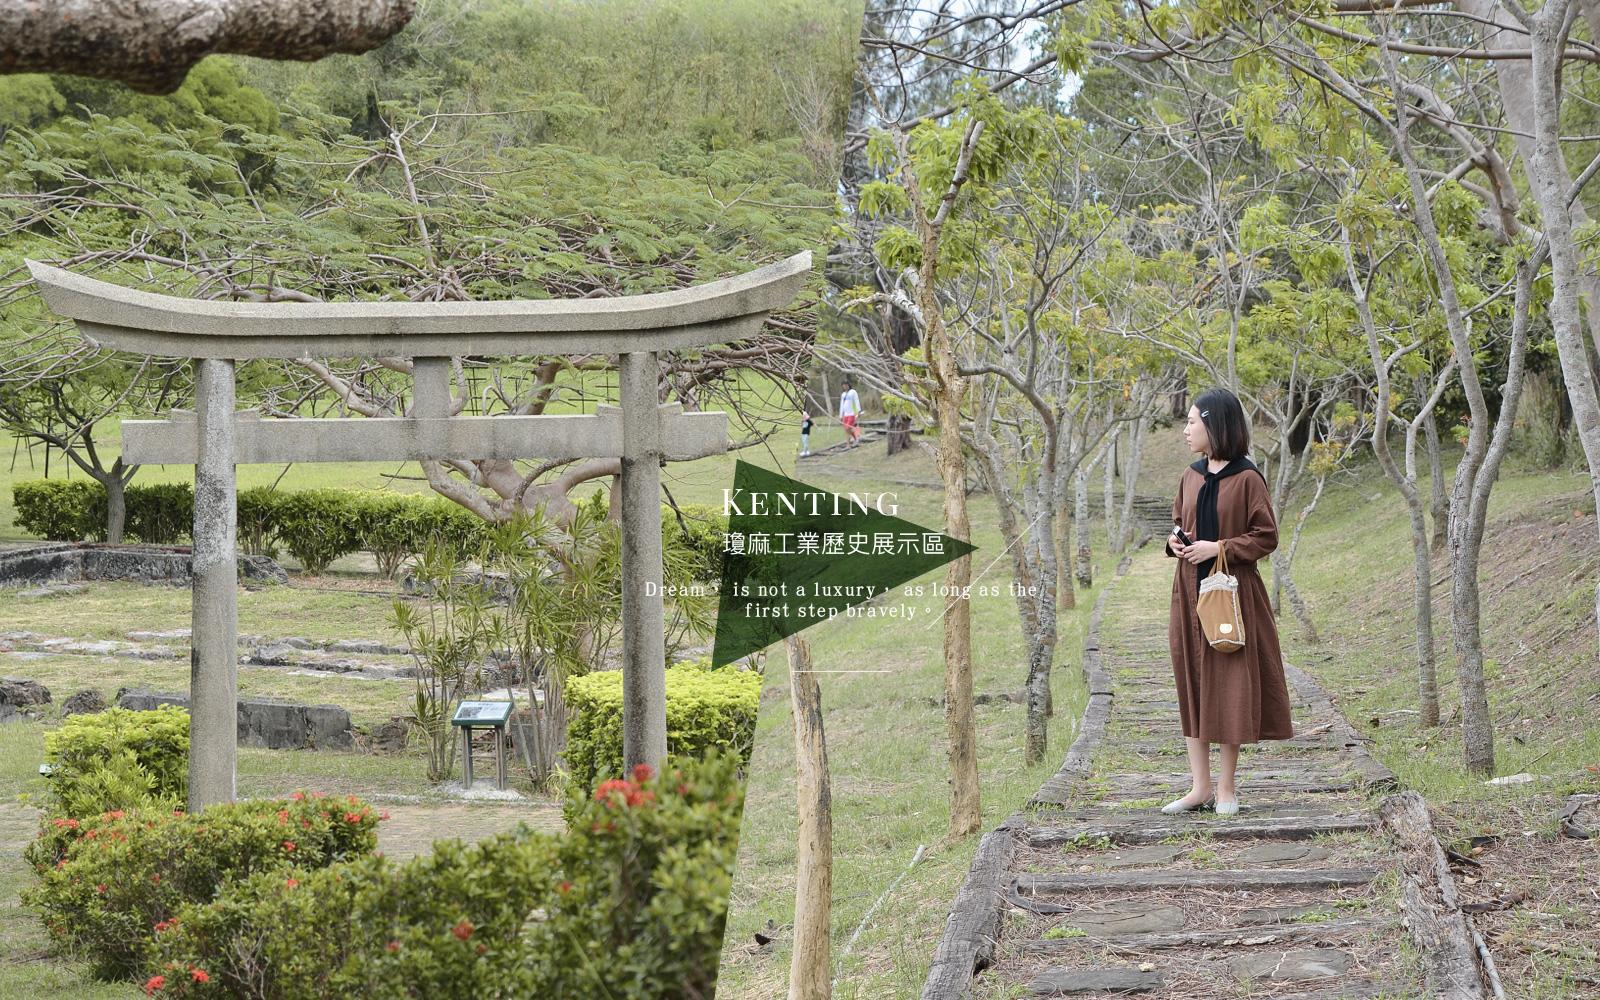 墾丁景點 ▏瓊麻工業歷史展示區-日式神社鳥居,走入瓊麻風光的歲月年華